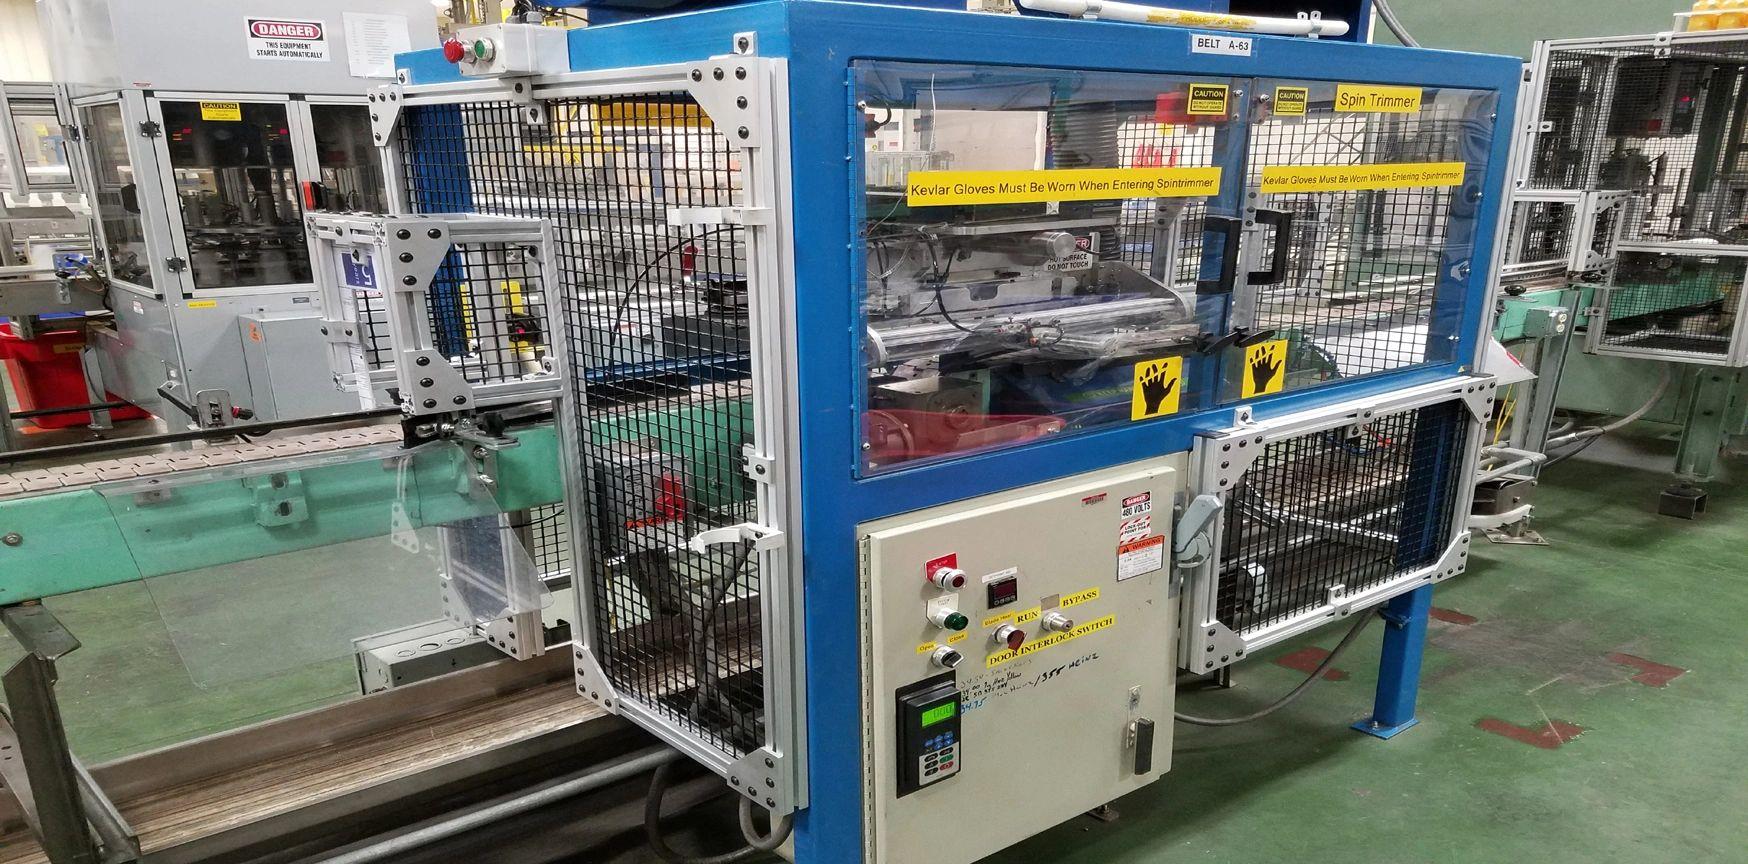 USA Machine Guarding - PowerSafe Automation   PowerSafe Automation